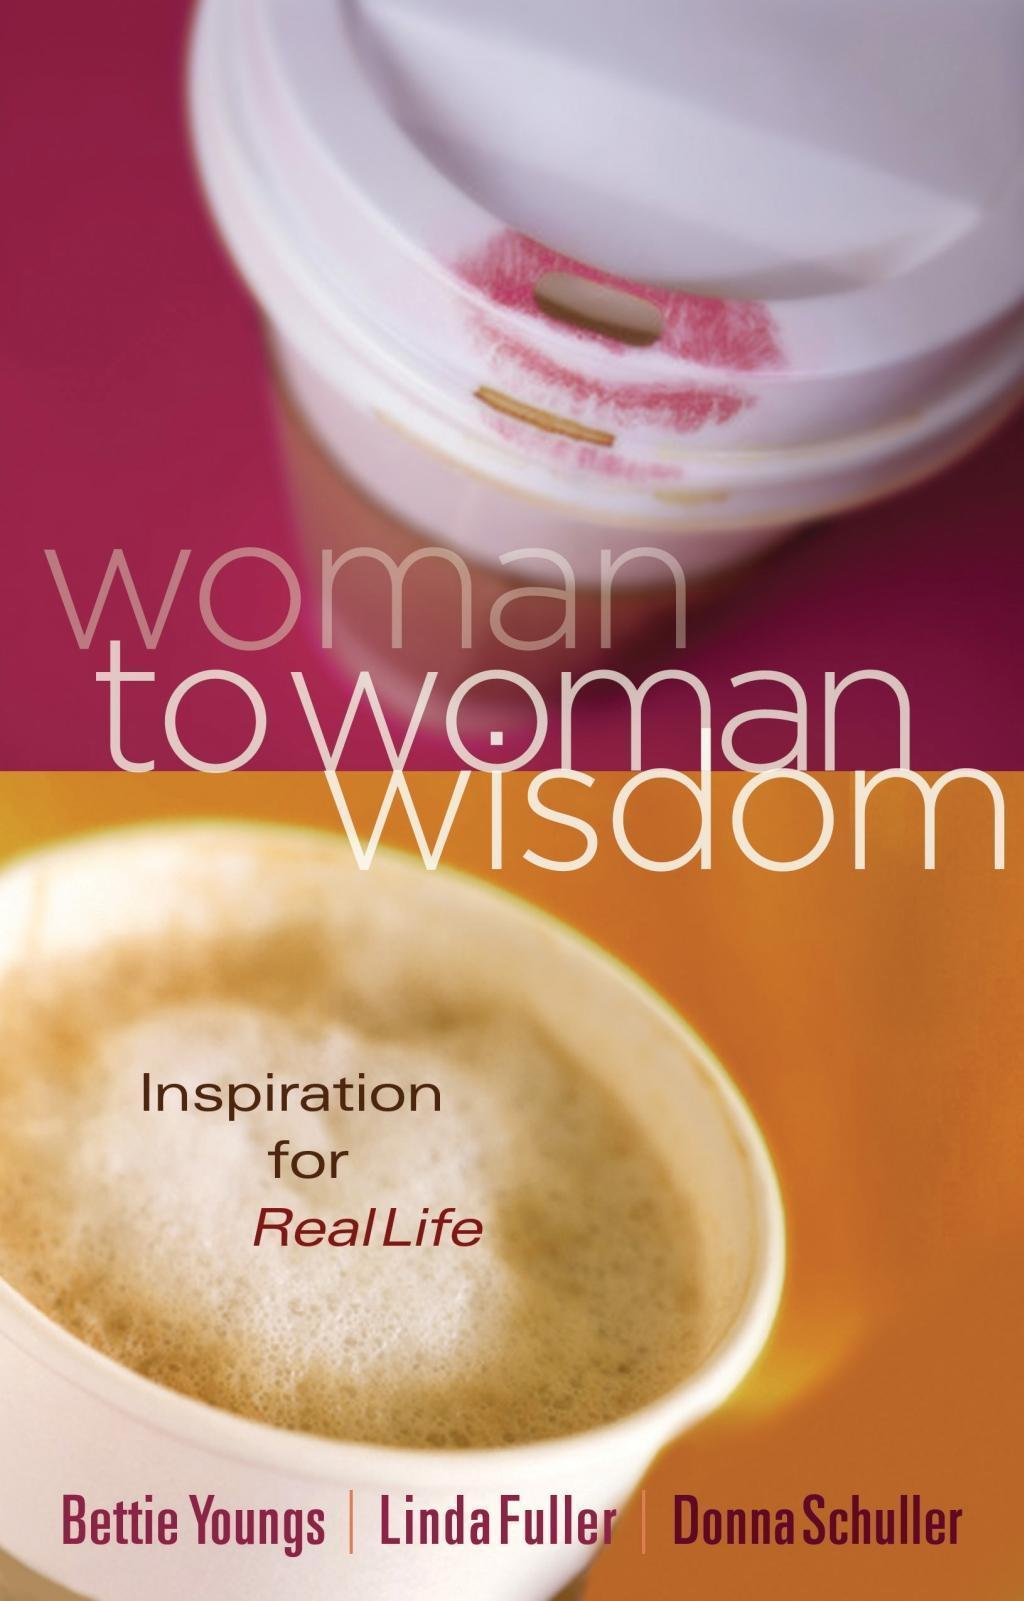 Woman to Woman Wisdom